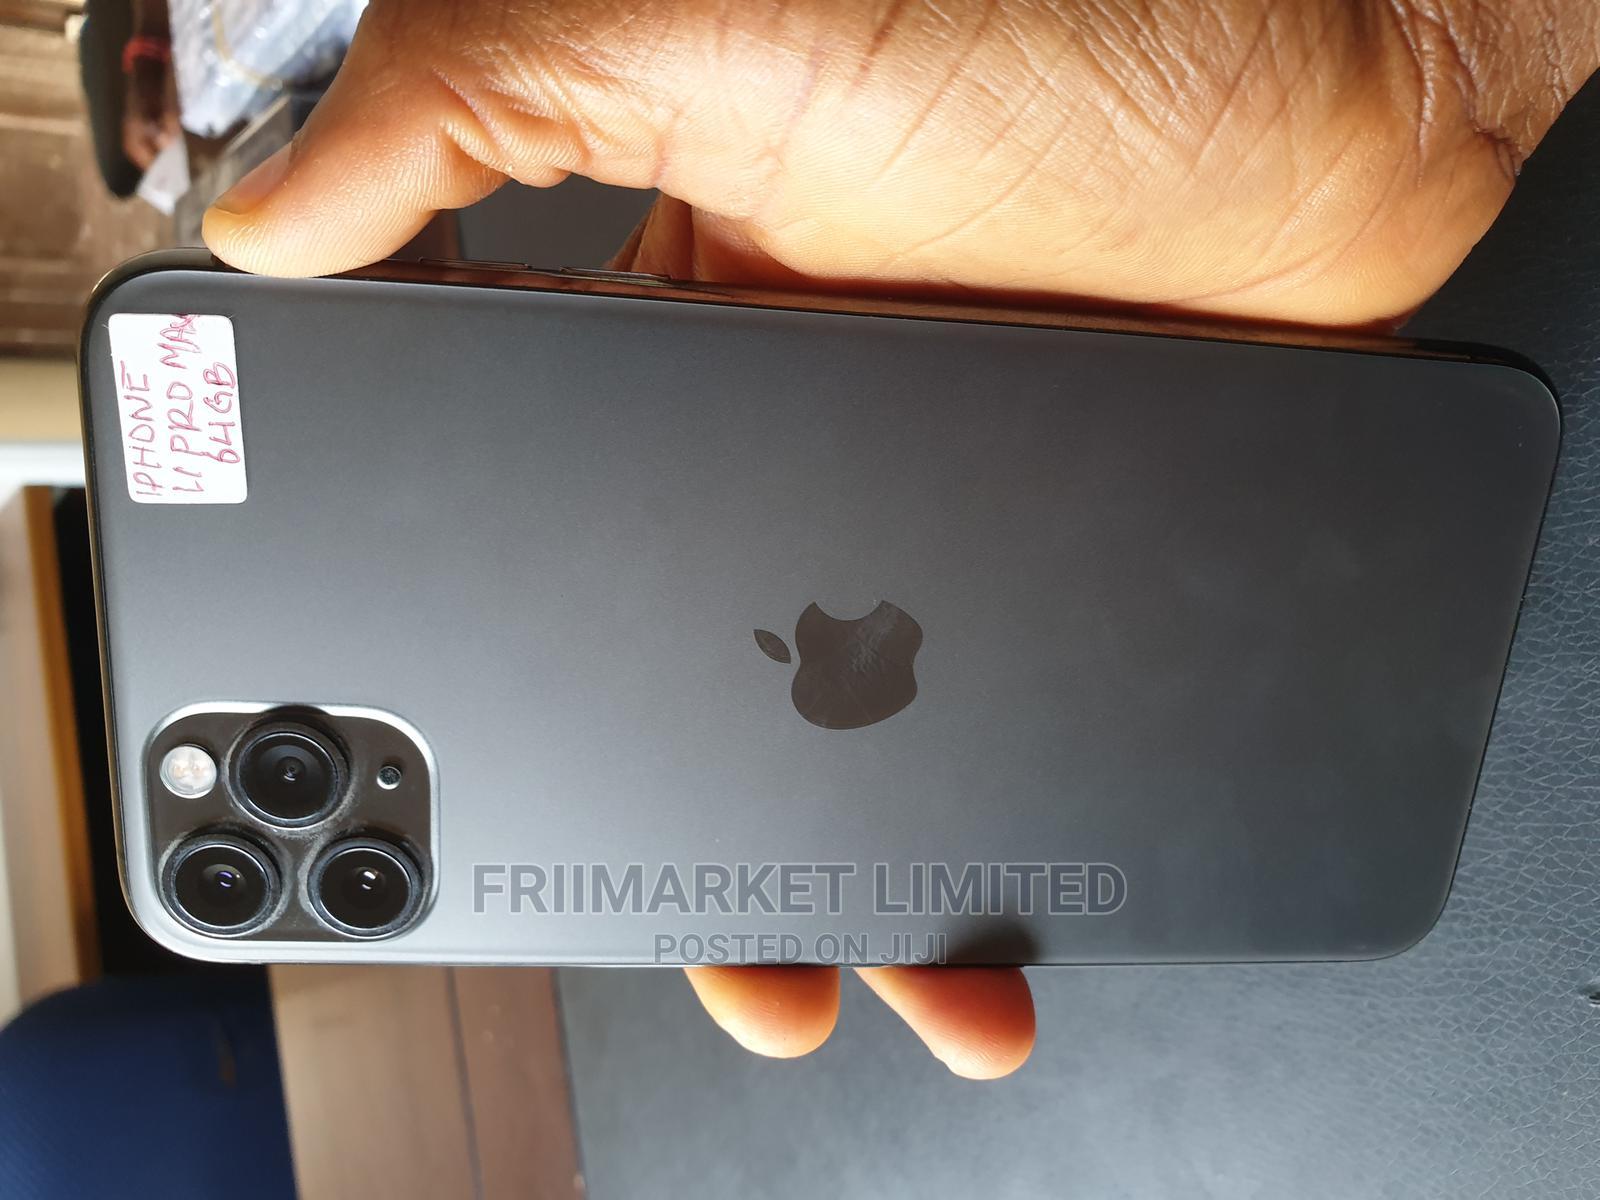 Apple iPhone 11 Pro Max 64 GB Gray | Mobile Phones for sale in Auchi, Edo State, Nigeria